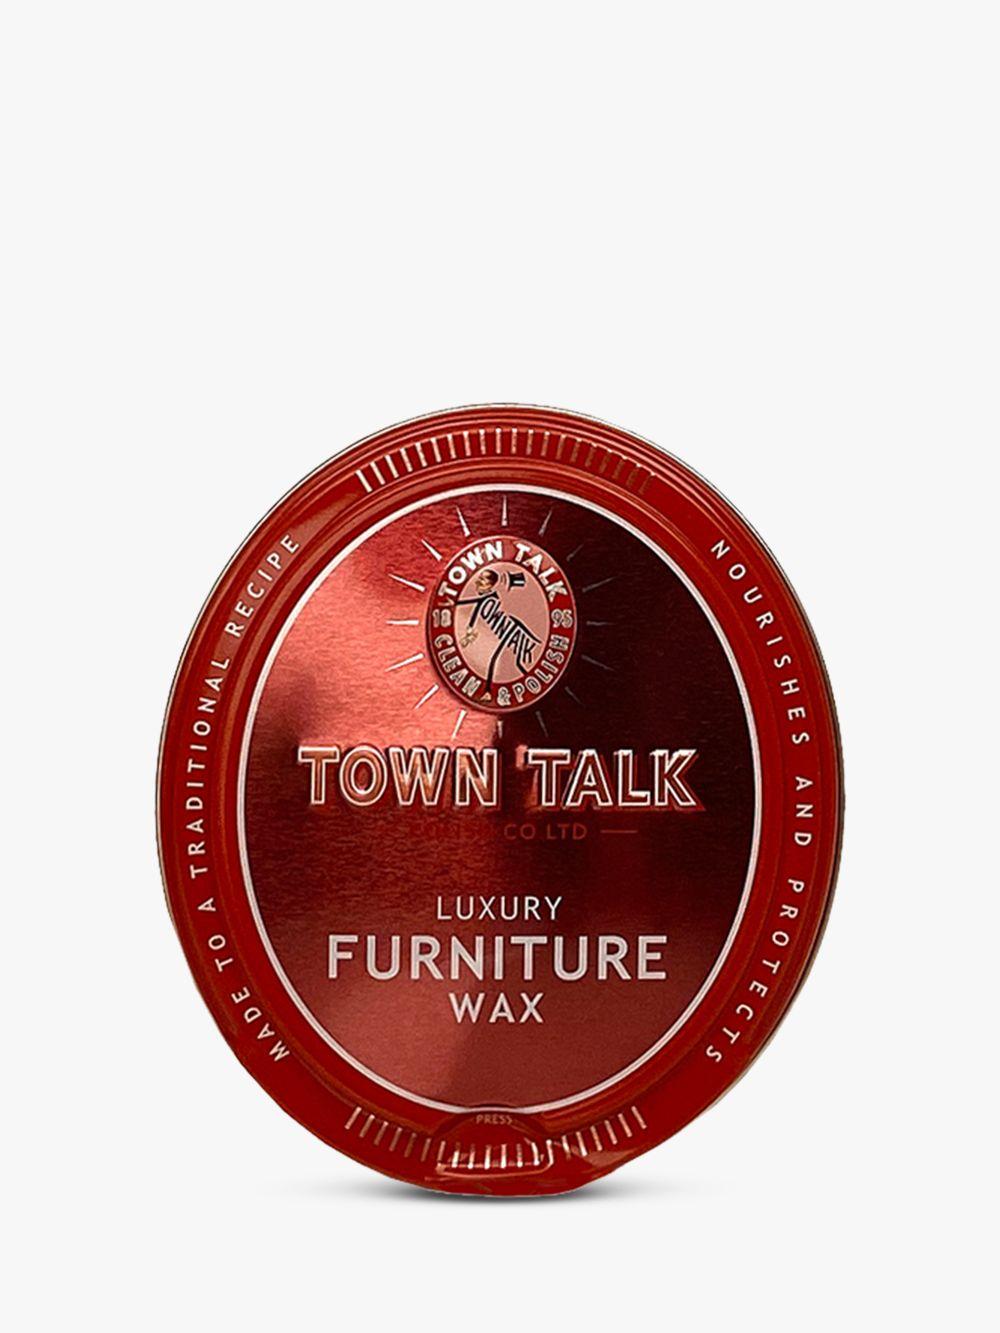 Town Talk Town Talk Luxury Furniture Wax, 150g